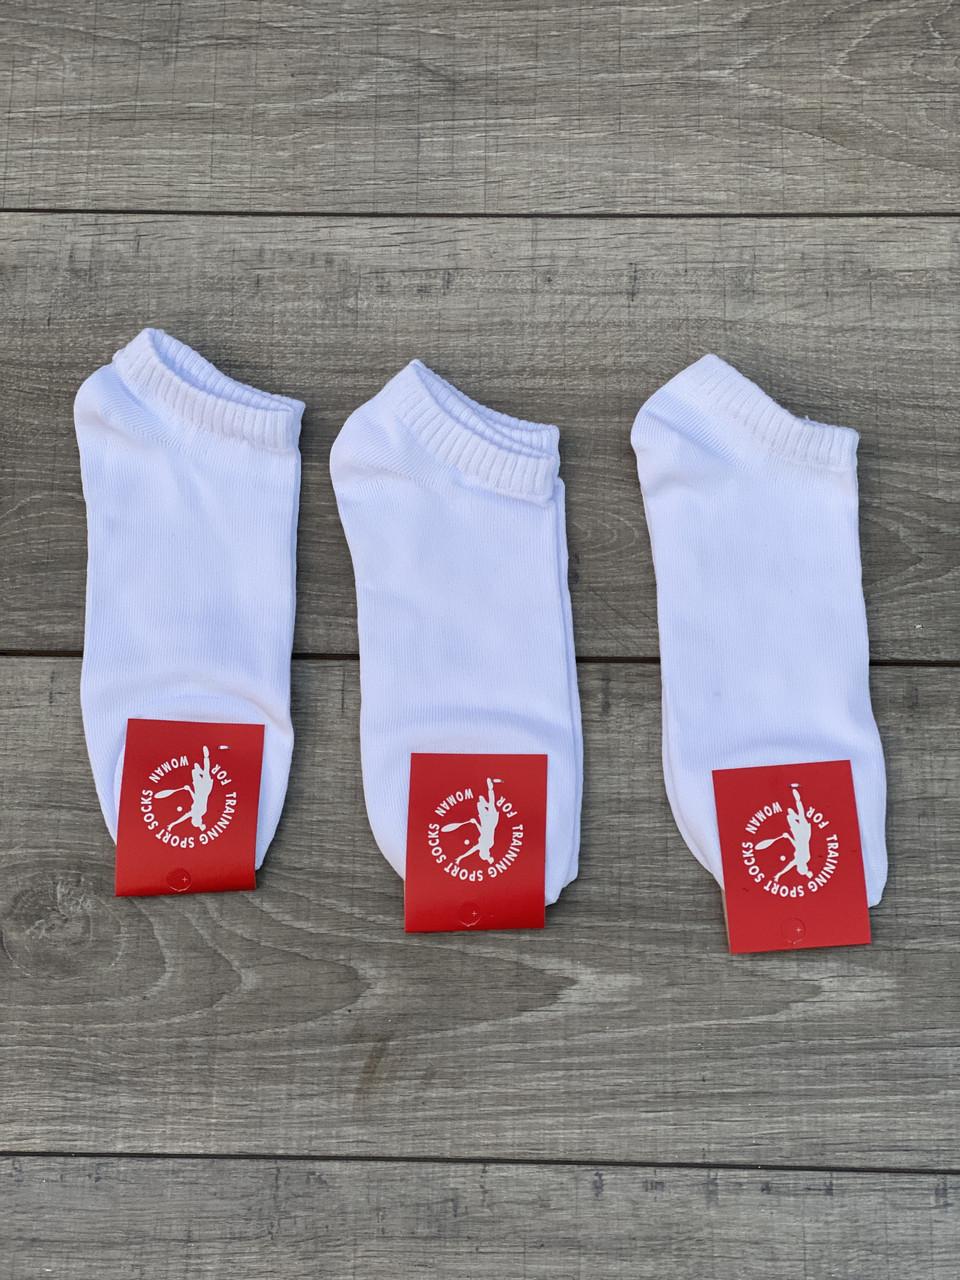 Жіночі носки Sport sockі шкарпетки стрейчеві короткі розмір 36-39 12 шт в уп Білі